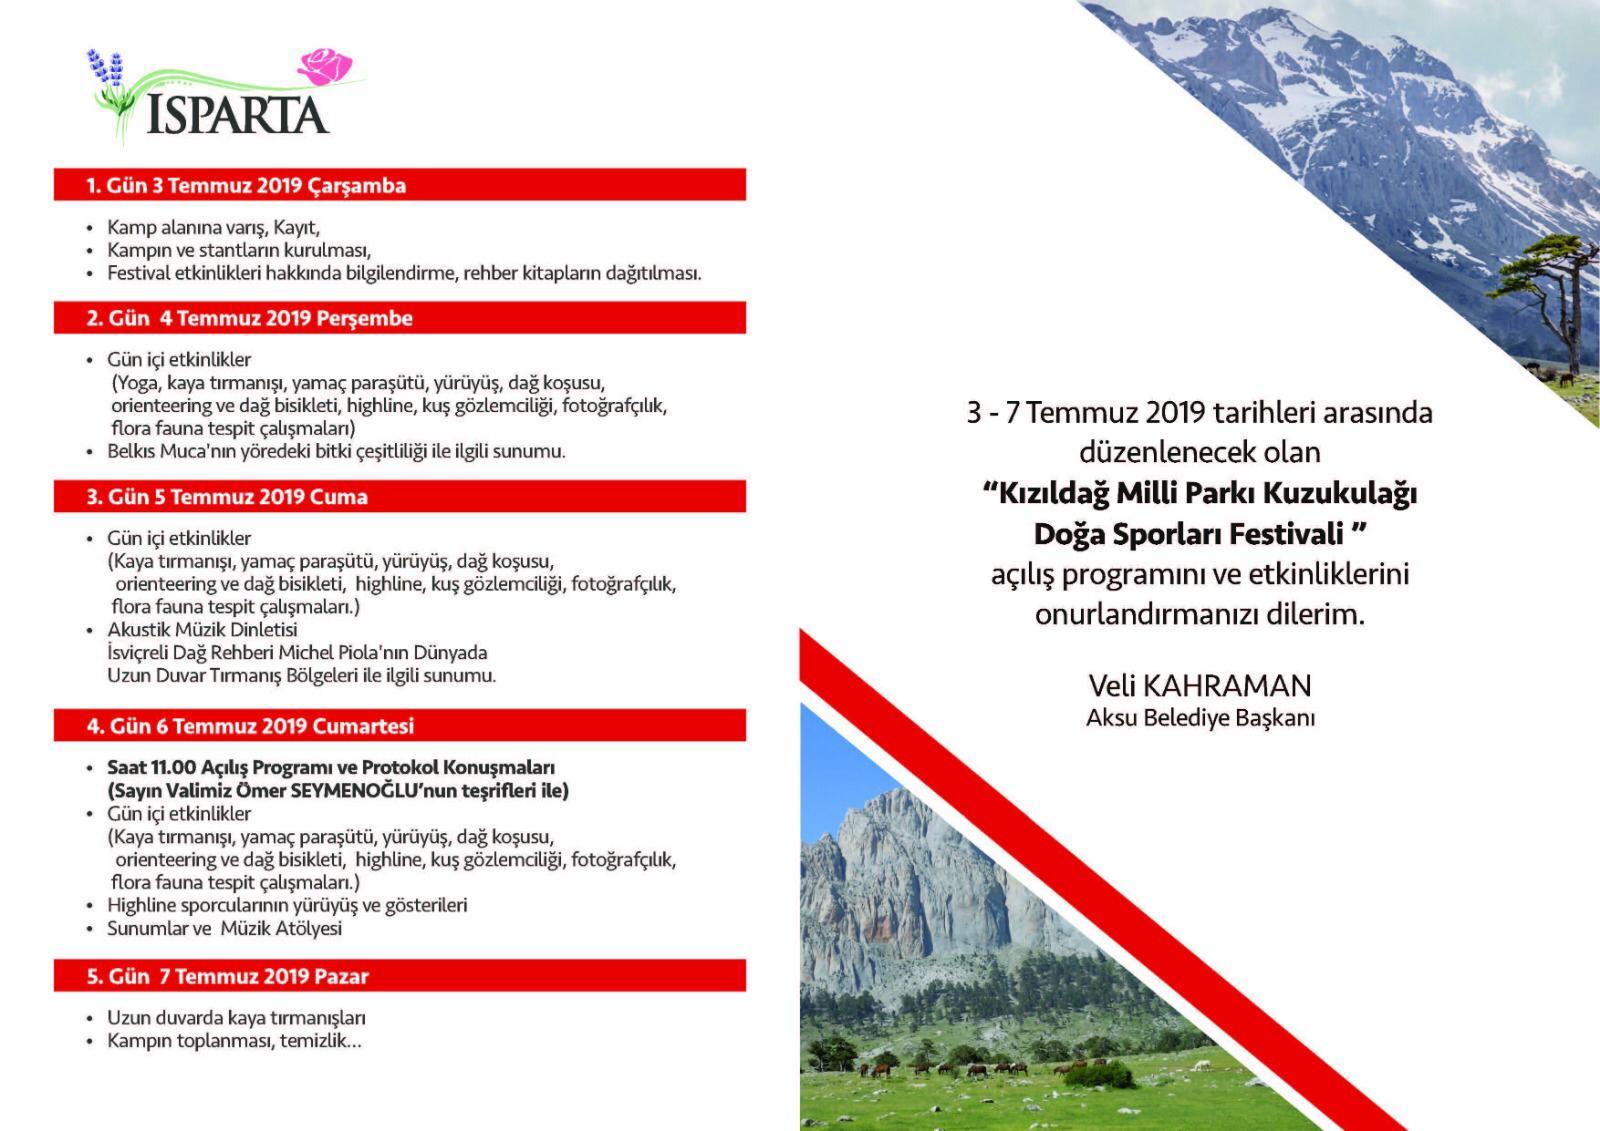 Kızıldağ Milli Parkı Kuzukulağı Doğa Sporları Festivali Daveti